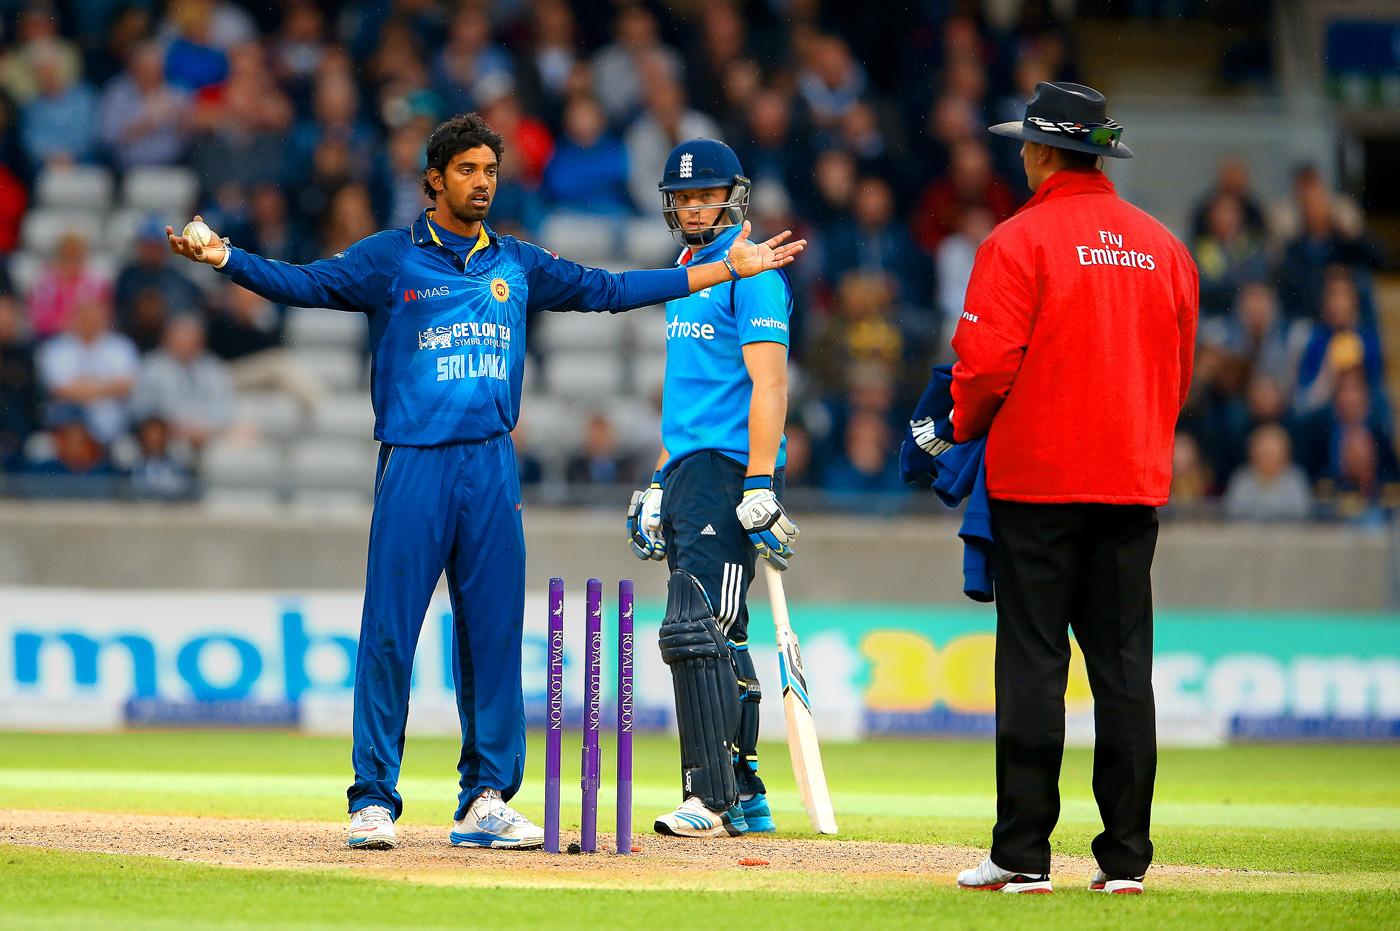 5 मौके जब गेंदबाज ने मांकडिंग कर अपनी टीम को जीताया मैच, टॉप पर हैं भारतीय विश्वविजेता कप्तान 5